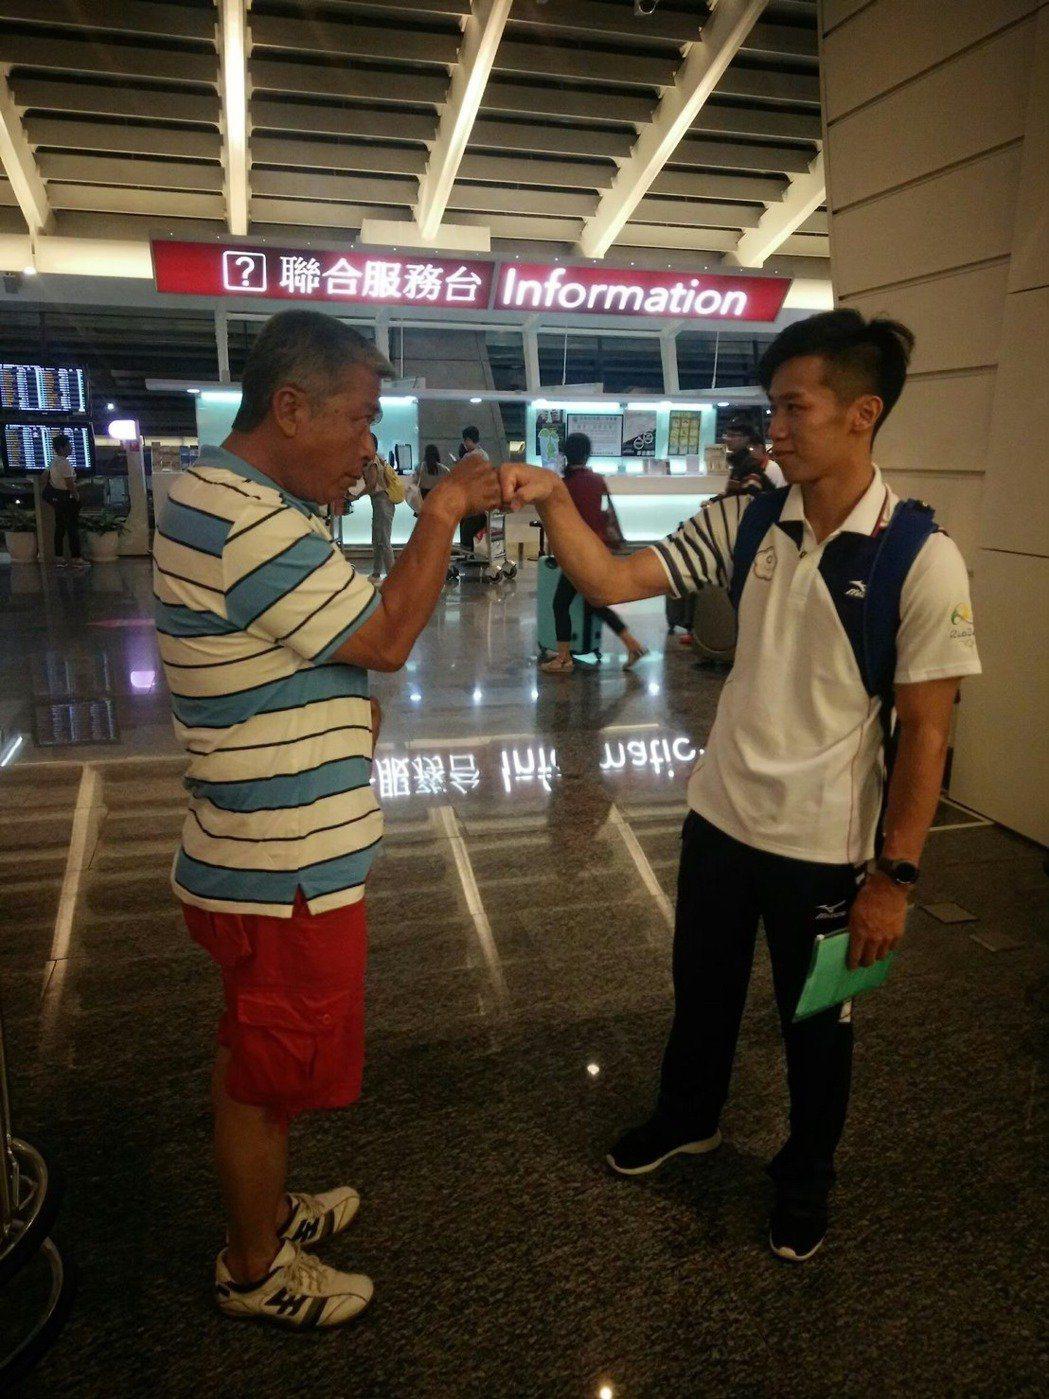 李智凱(右)與父親感情深厚。照片提供/李智凱